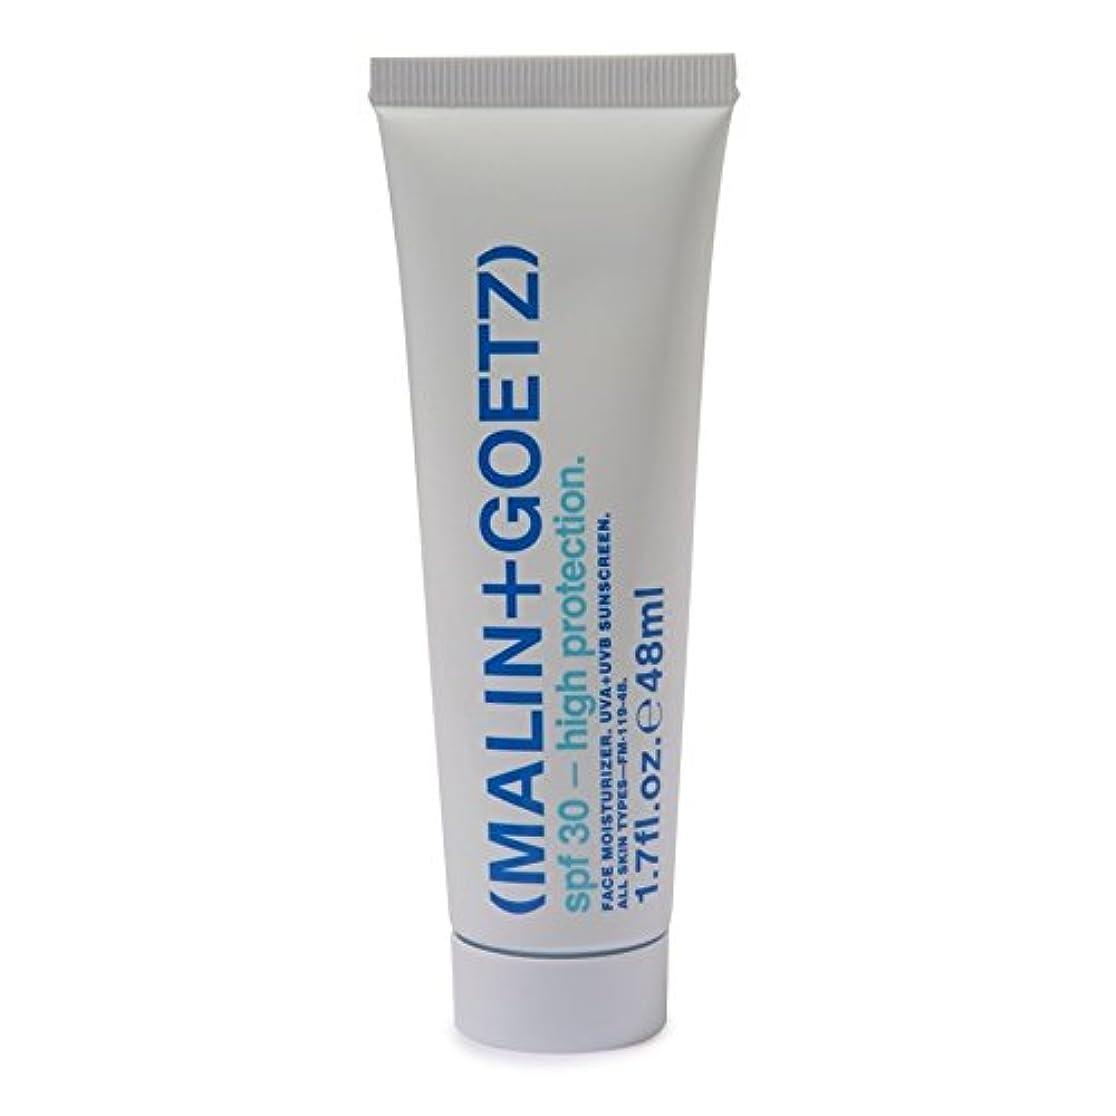 かんがいスケルトンルアーマリン+ゲッツ顔の保湿剤の 30 48ミリリットル x2 - MALIN+GOETZ Face Moisturiser SPF 30 48ml (Pack of 2) [並行輸入品]